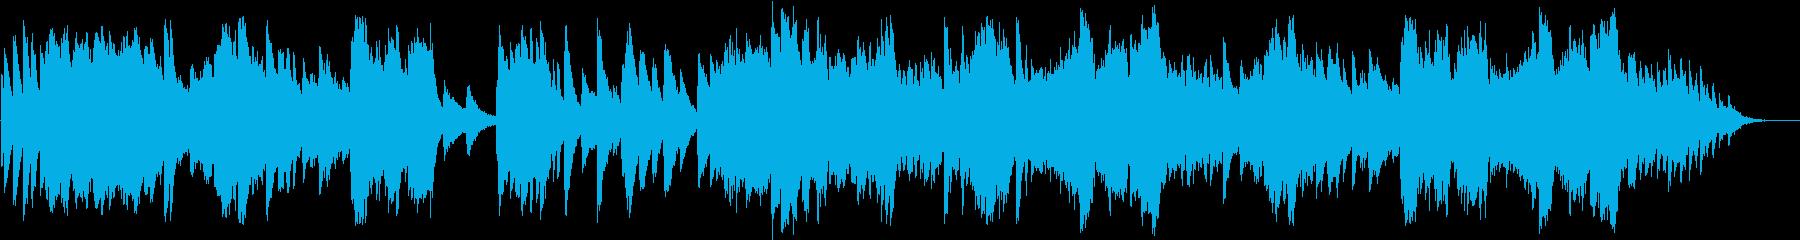 世界 ピアノ フラメンコの再生済みの波形